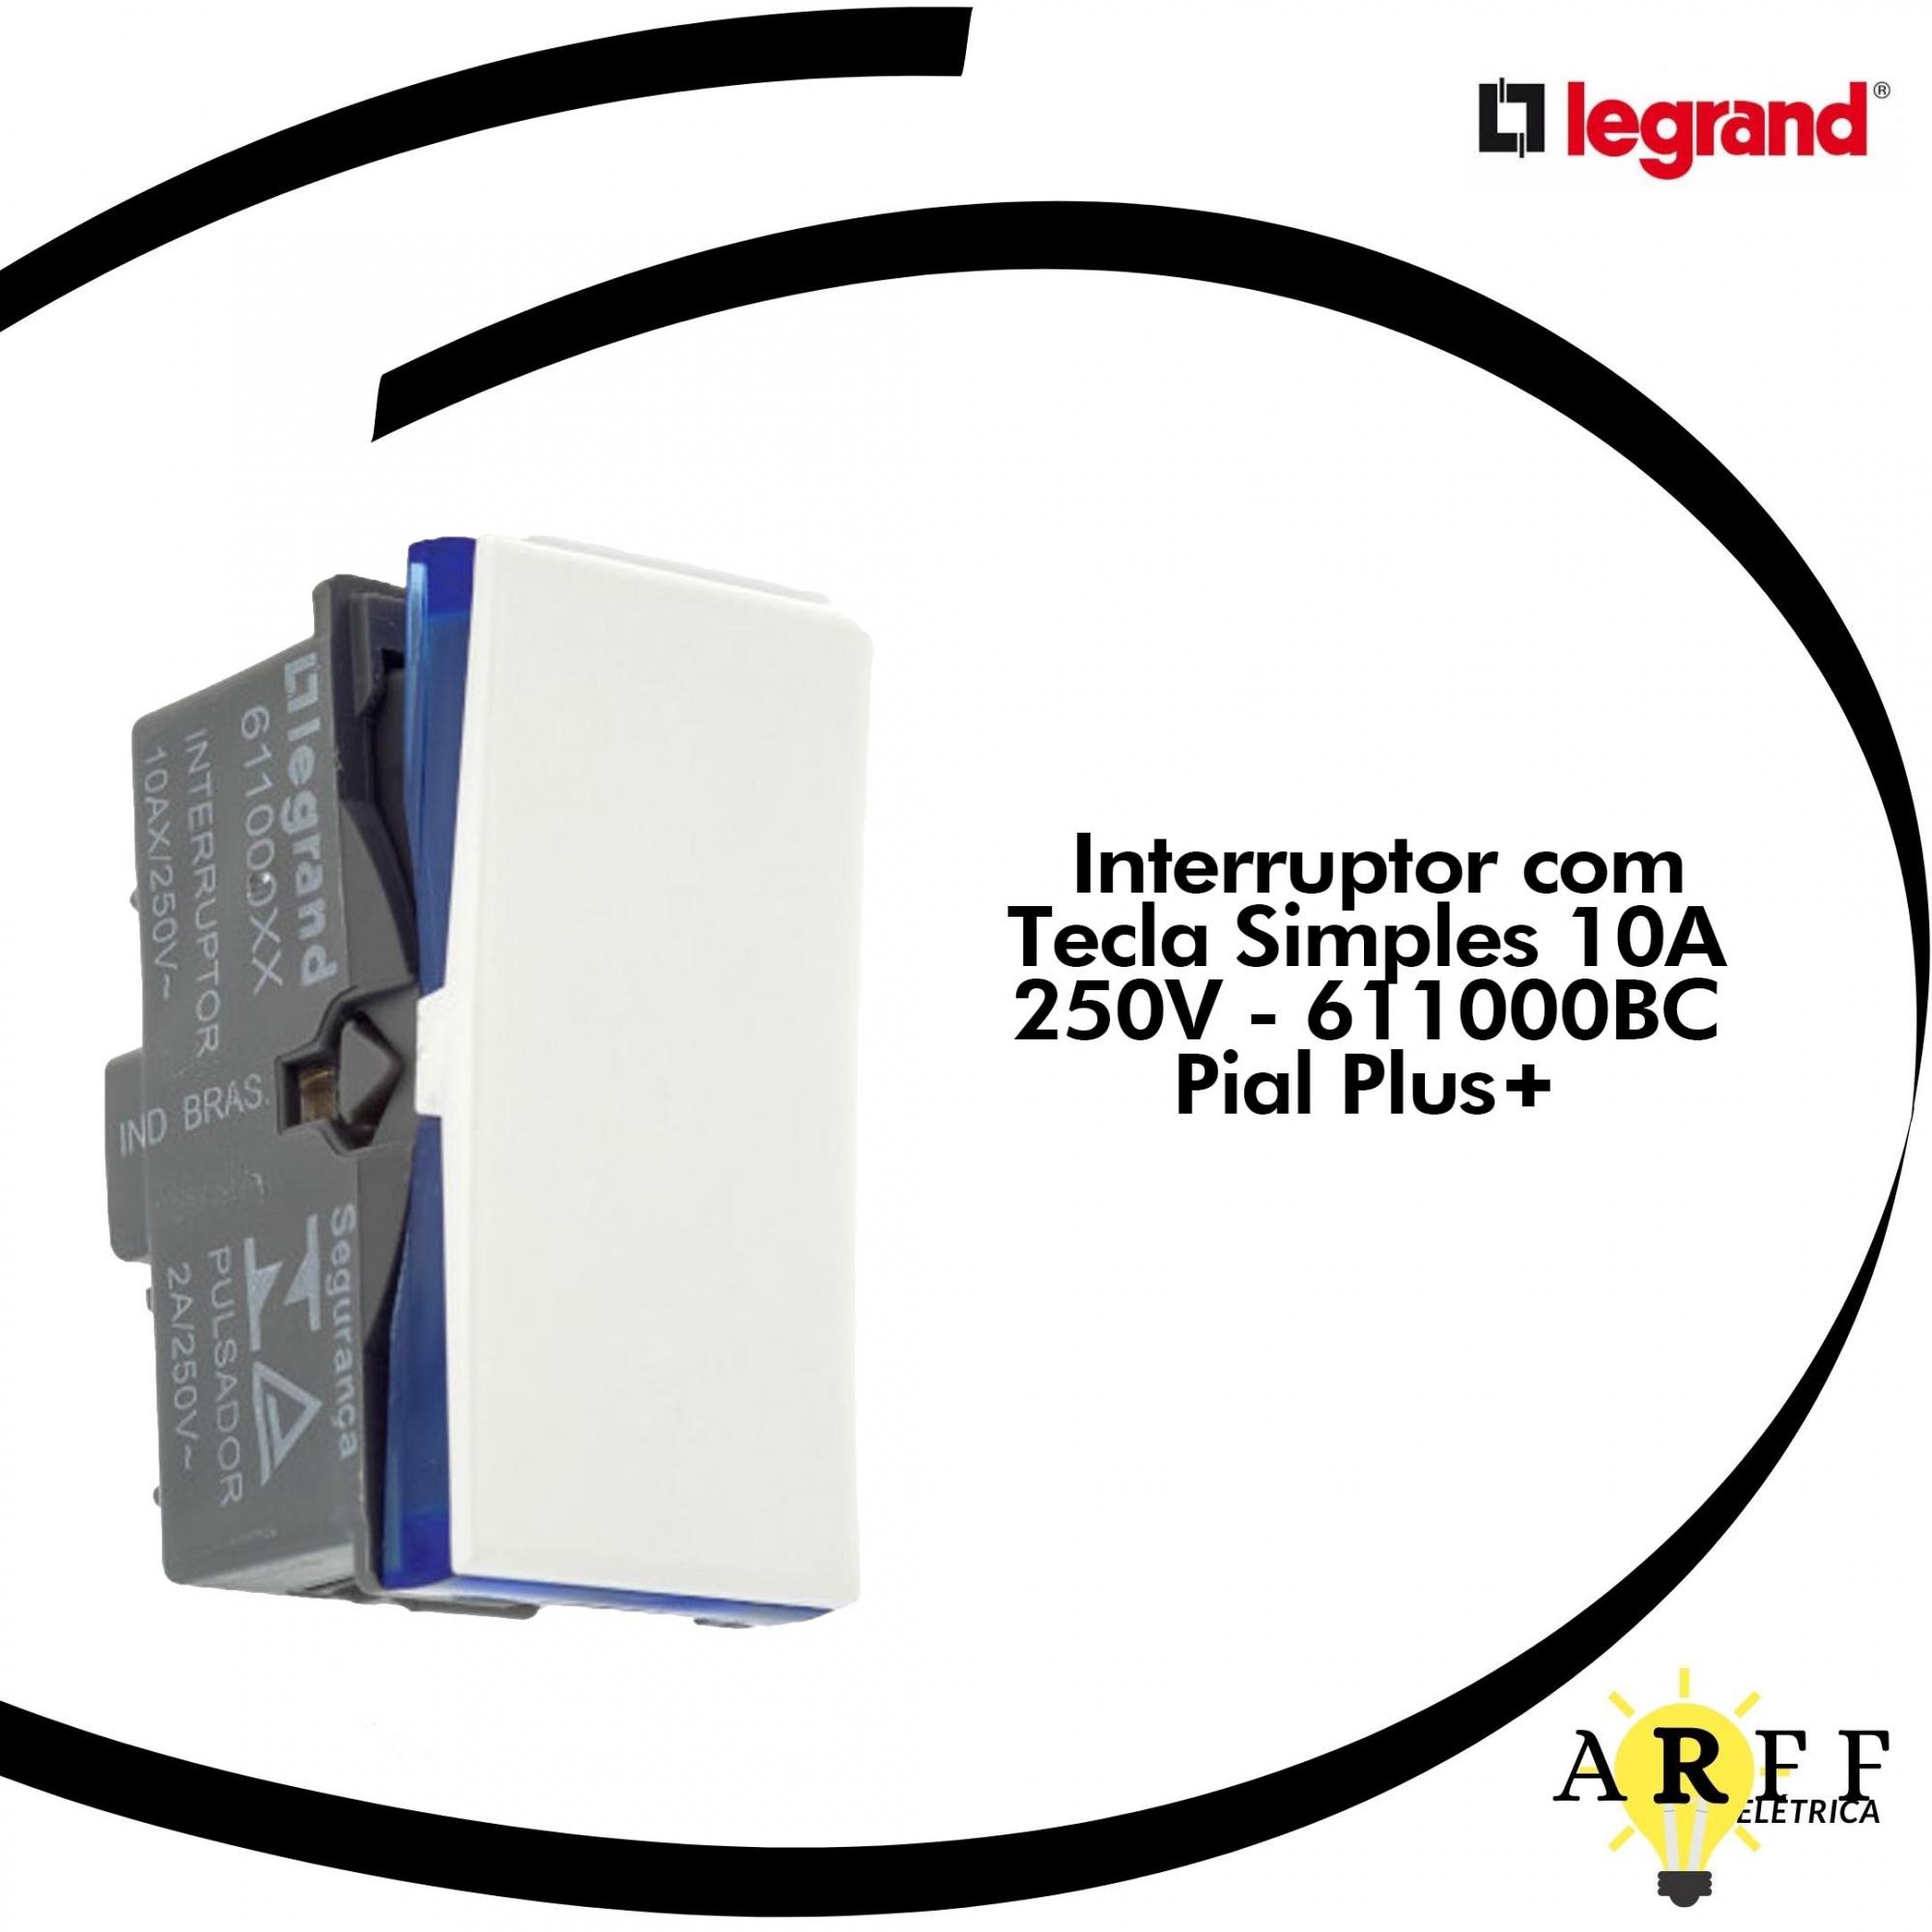 Interruptor com Tecla Simples 10A 250V - 611000BC - Pial Plus+  LEGRAND